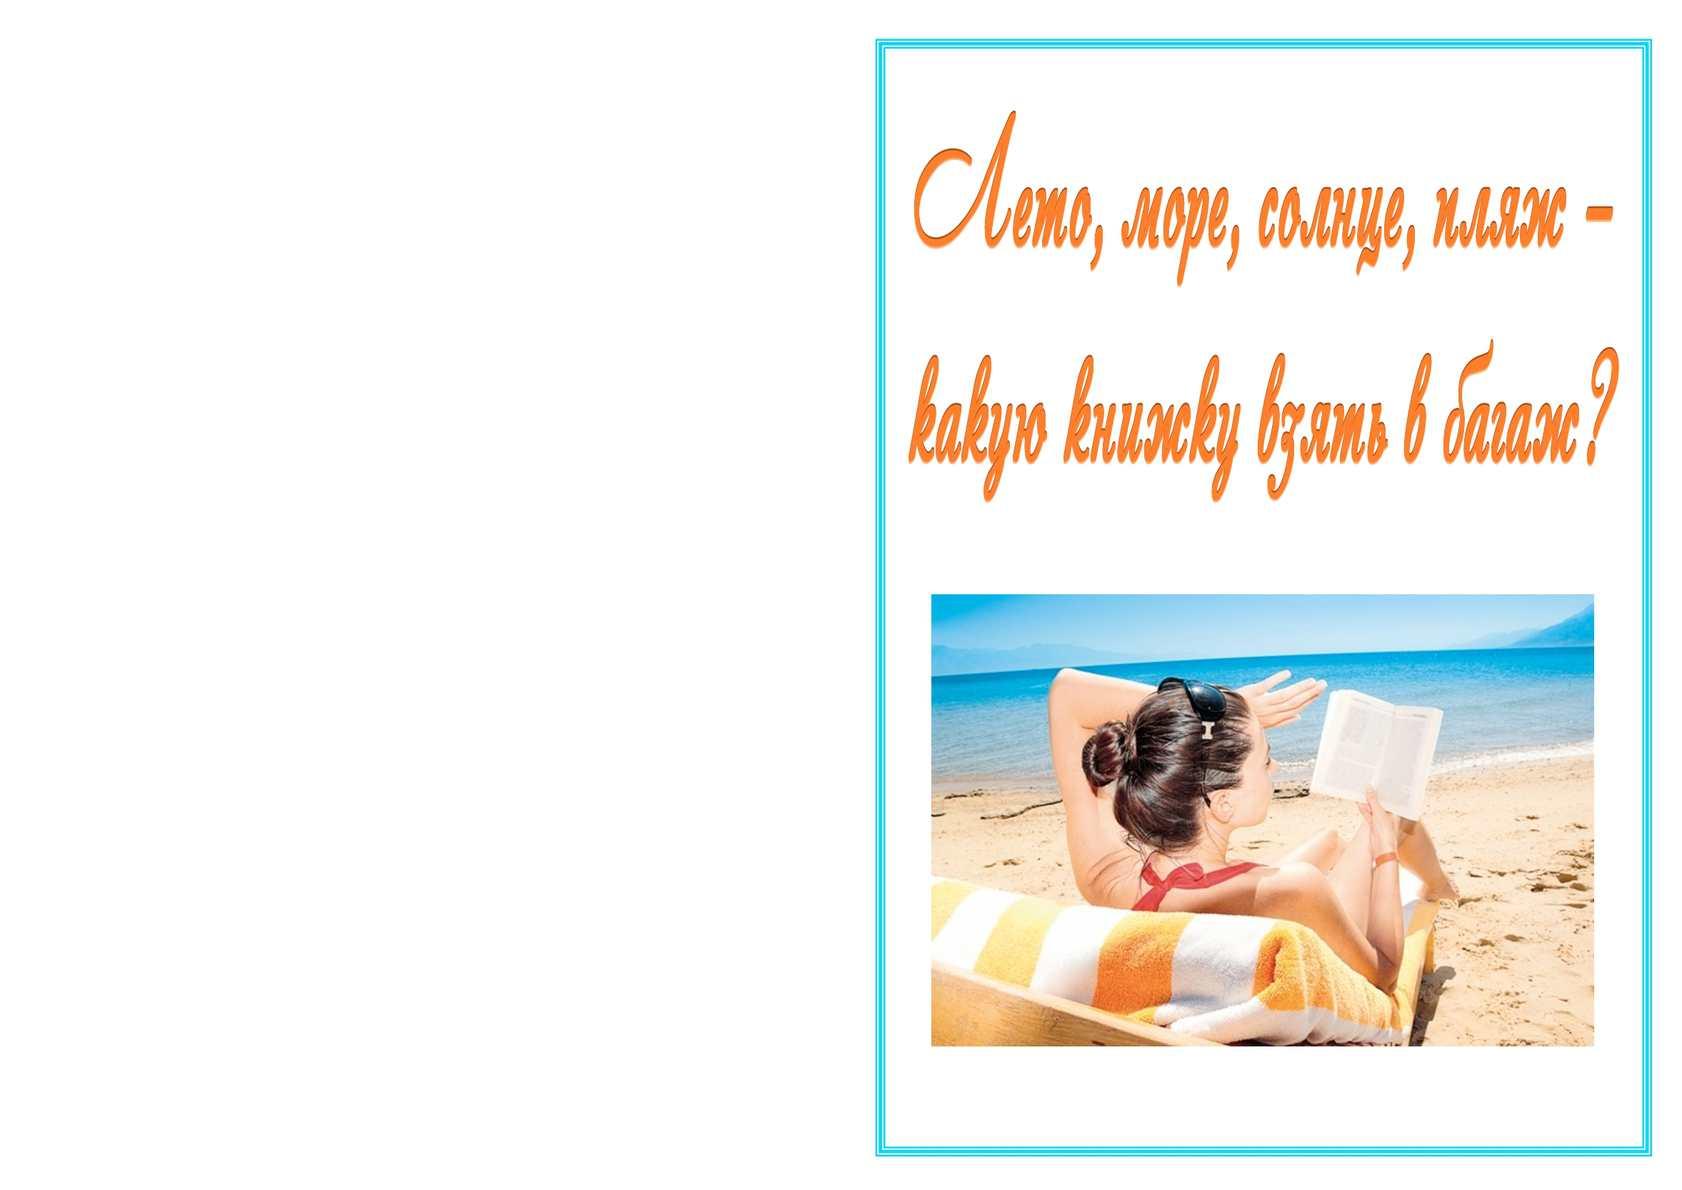 для отделки песня лето солнце море пляж текст мониторное очищение кишечника